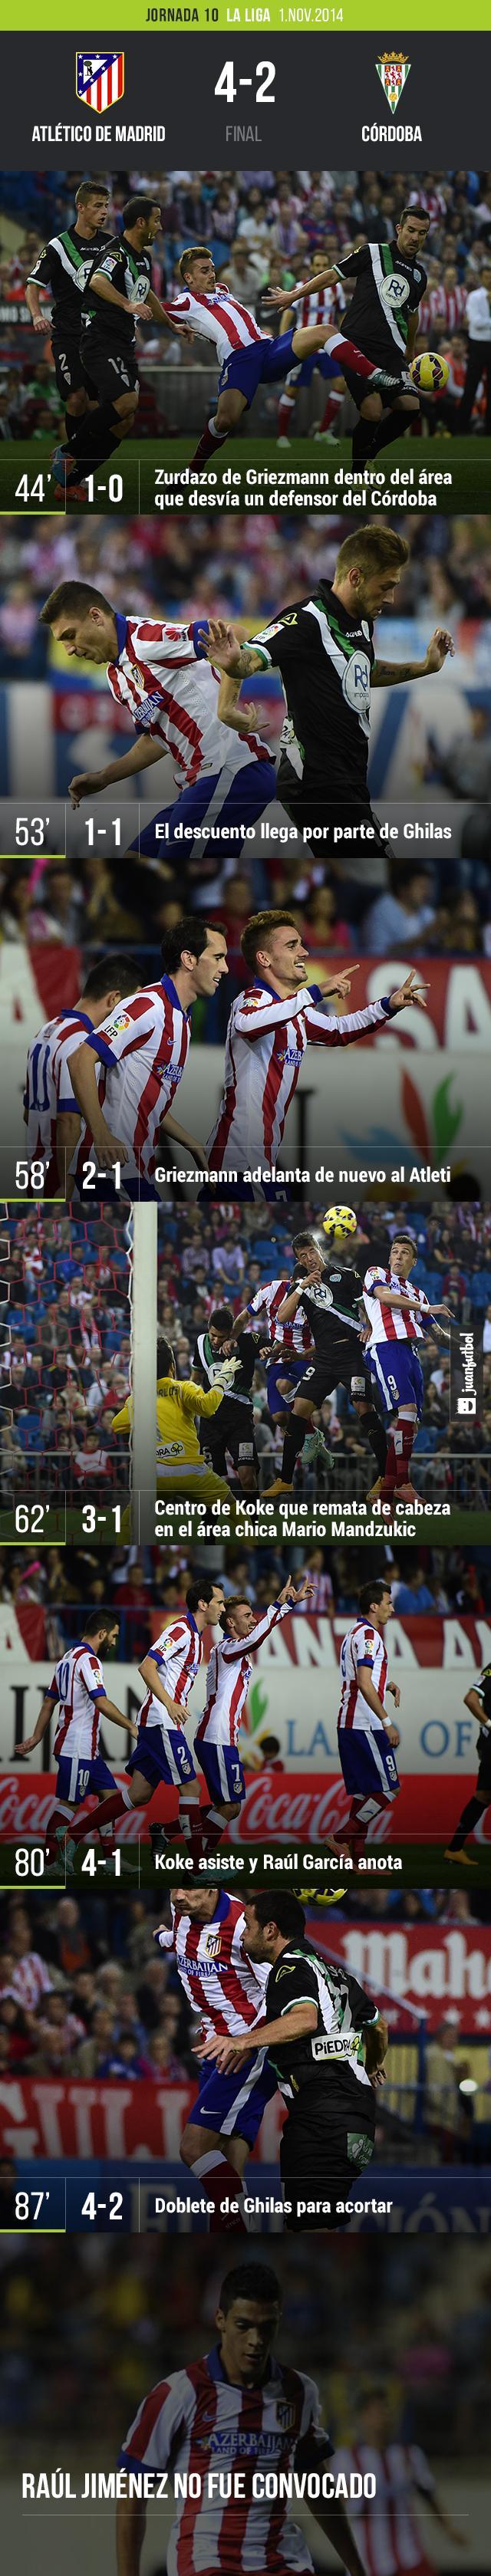 El Atlético de Madrid venció 4-2 al Córdoba en el Vicente Calderón